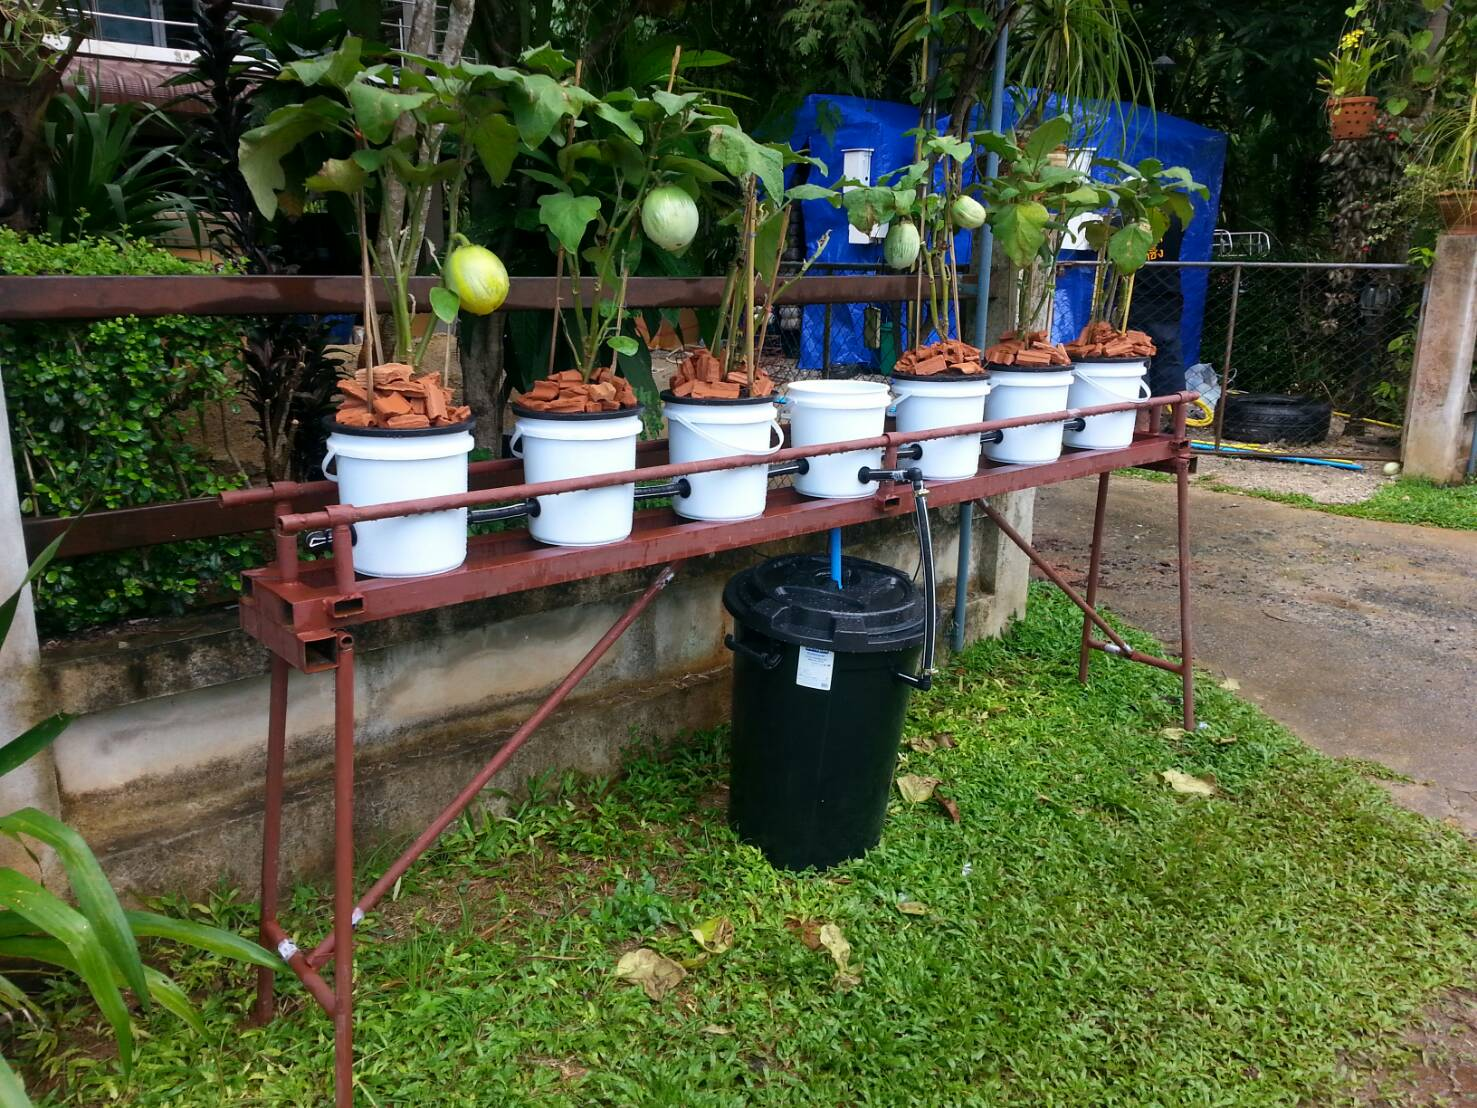 ชุดถังปลูกผักอัตโนมัติ Big pot ระบบน้ำขึ้น-น้ำลง (FAD) ครบชุด